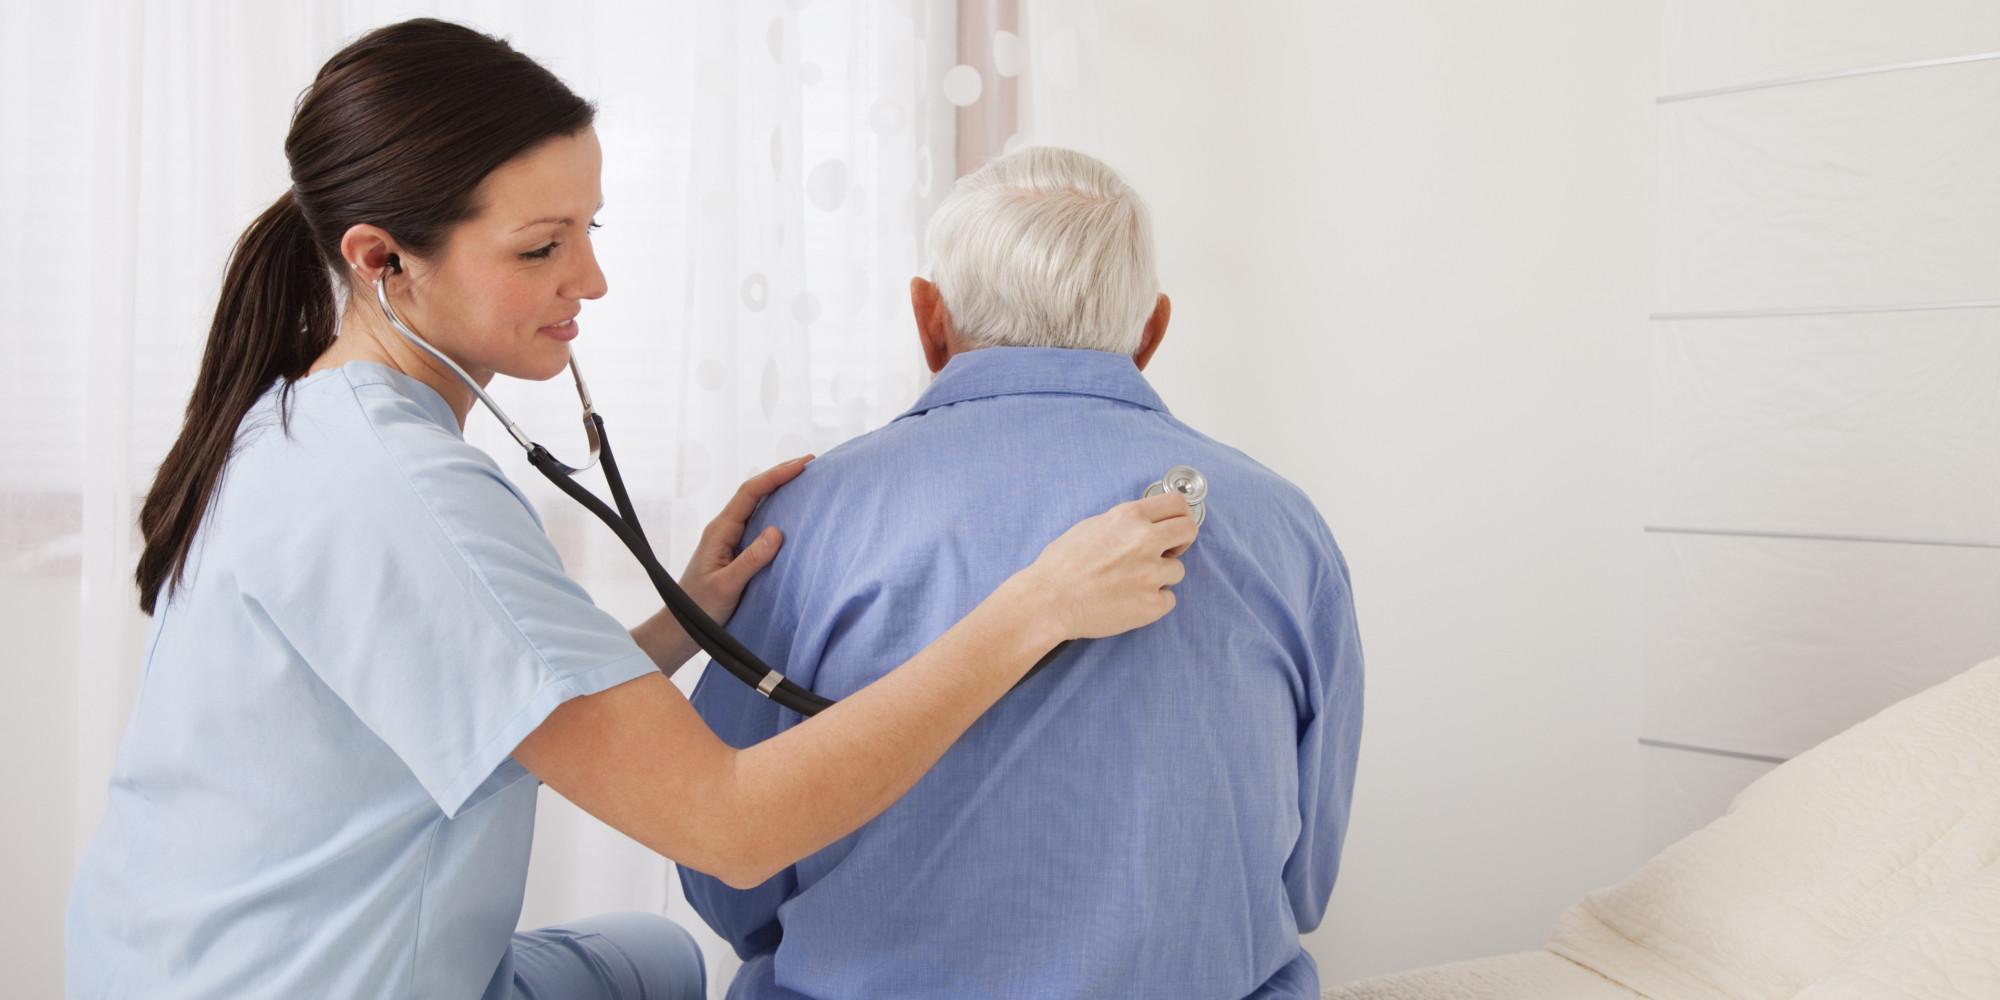 Planos de Saúde Intermédica Niterói